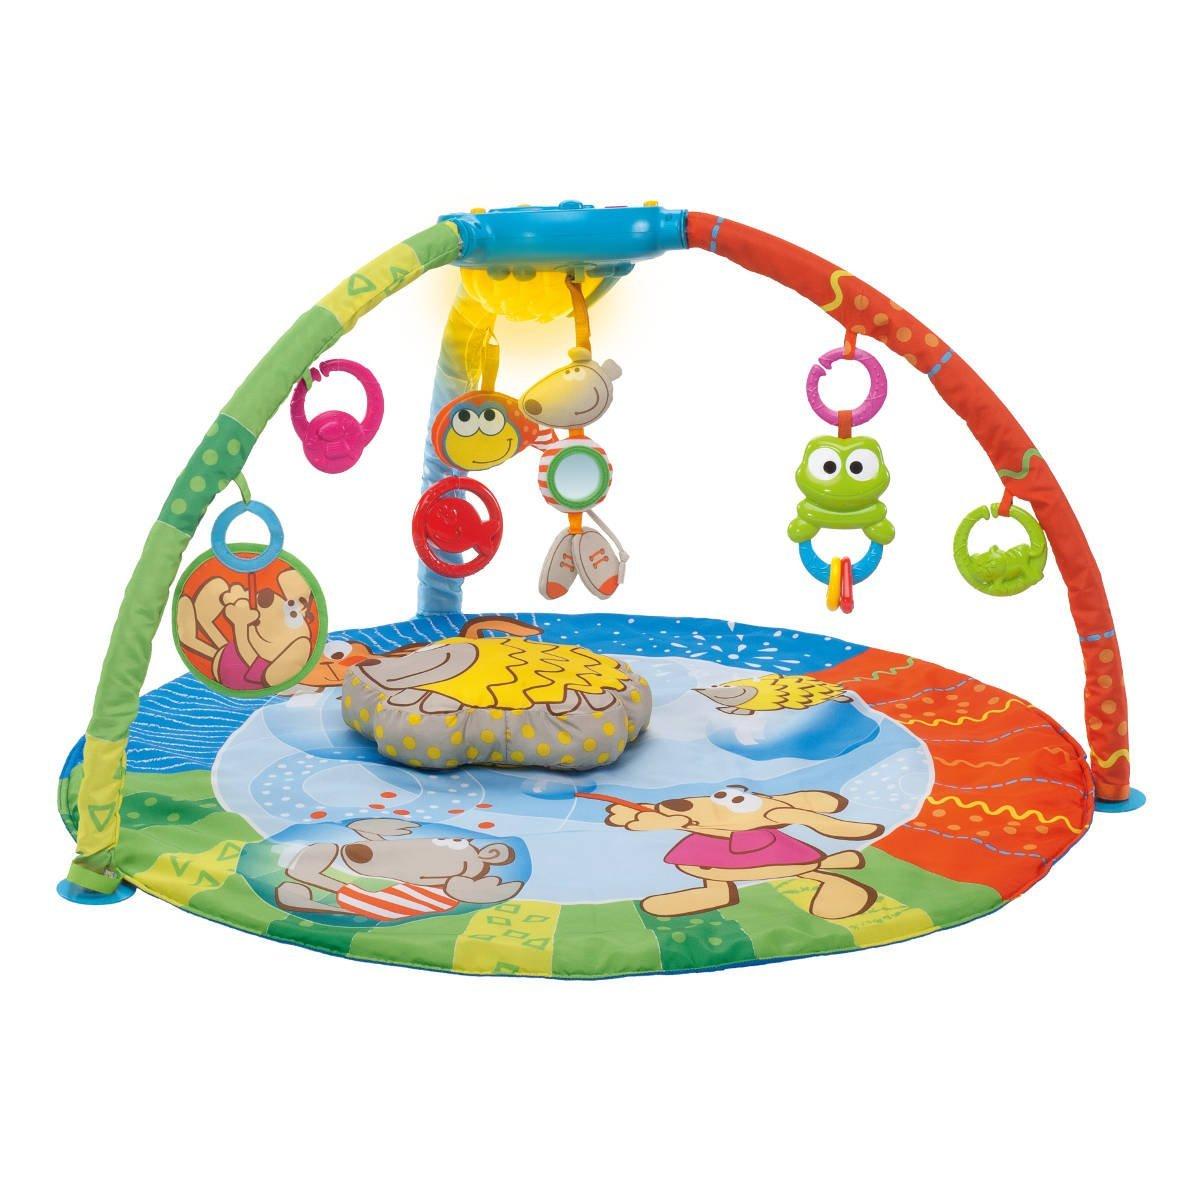 Regalo Primo Compleanno Nipotino idee regalo primo compleanno. i giocattoli in offerta su